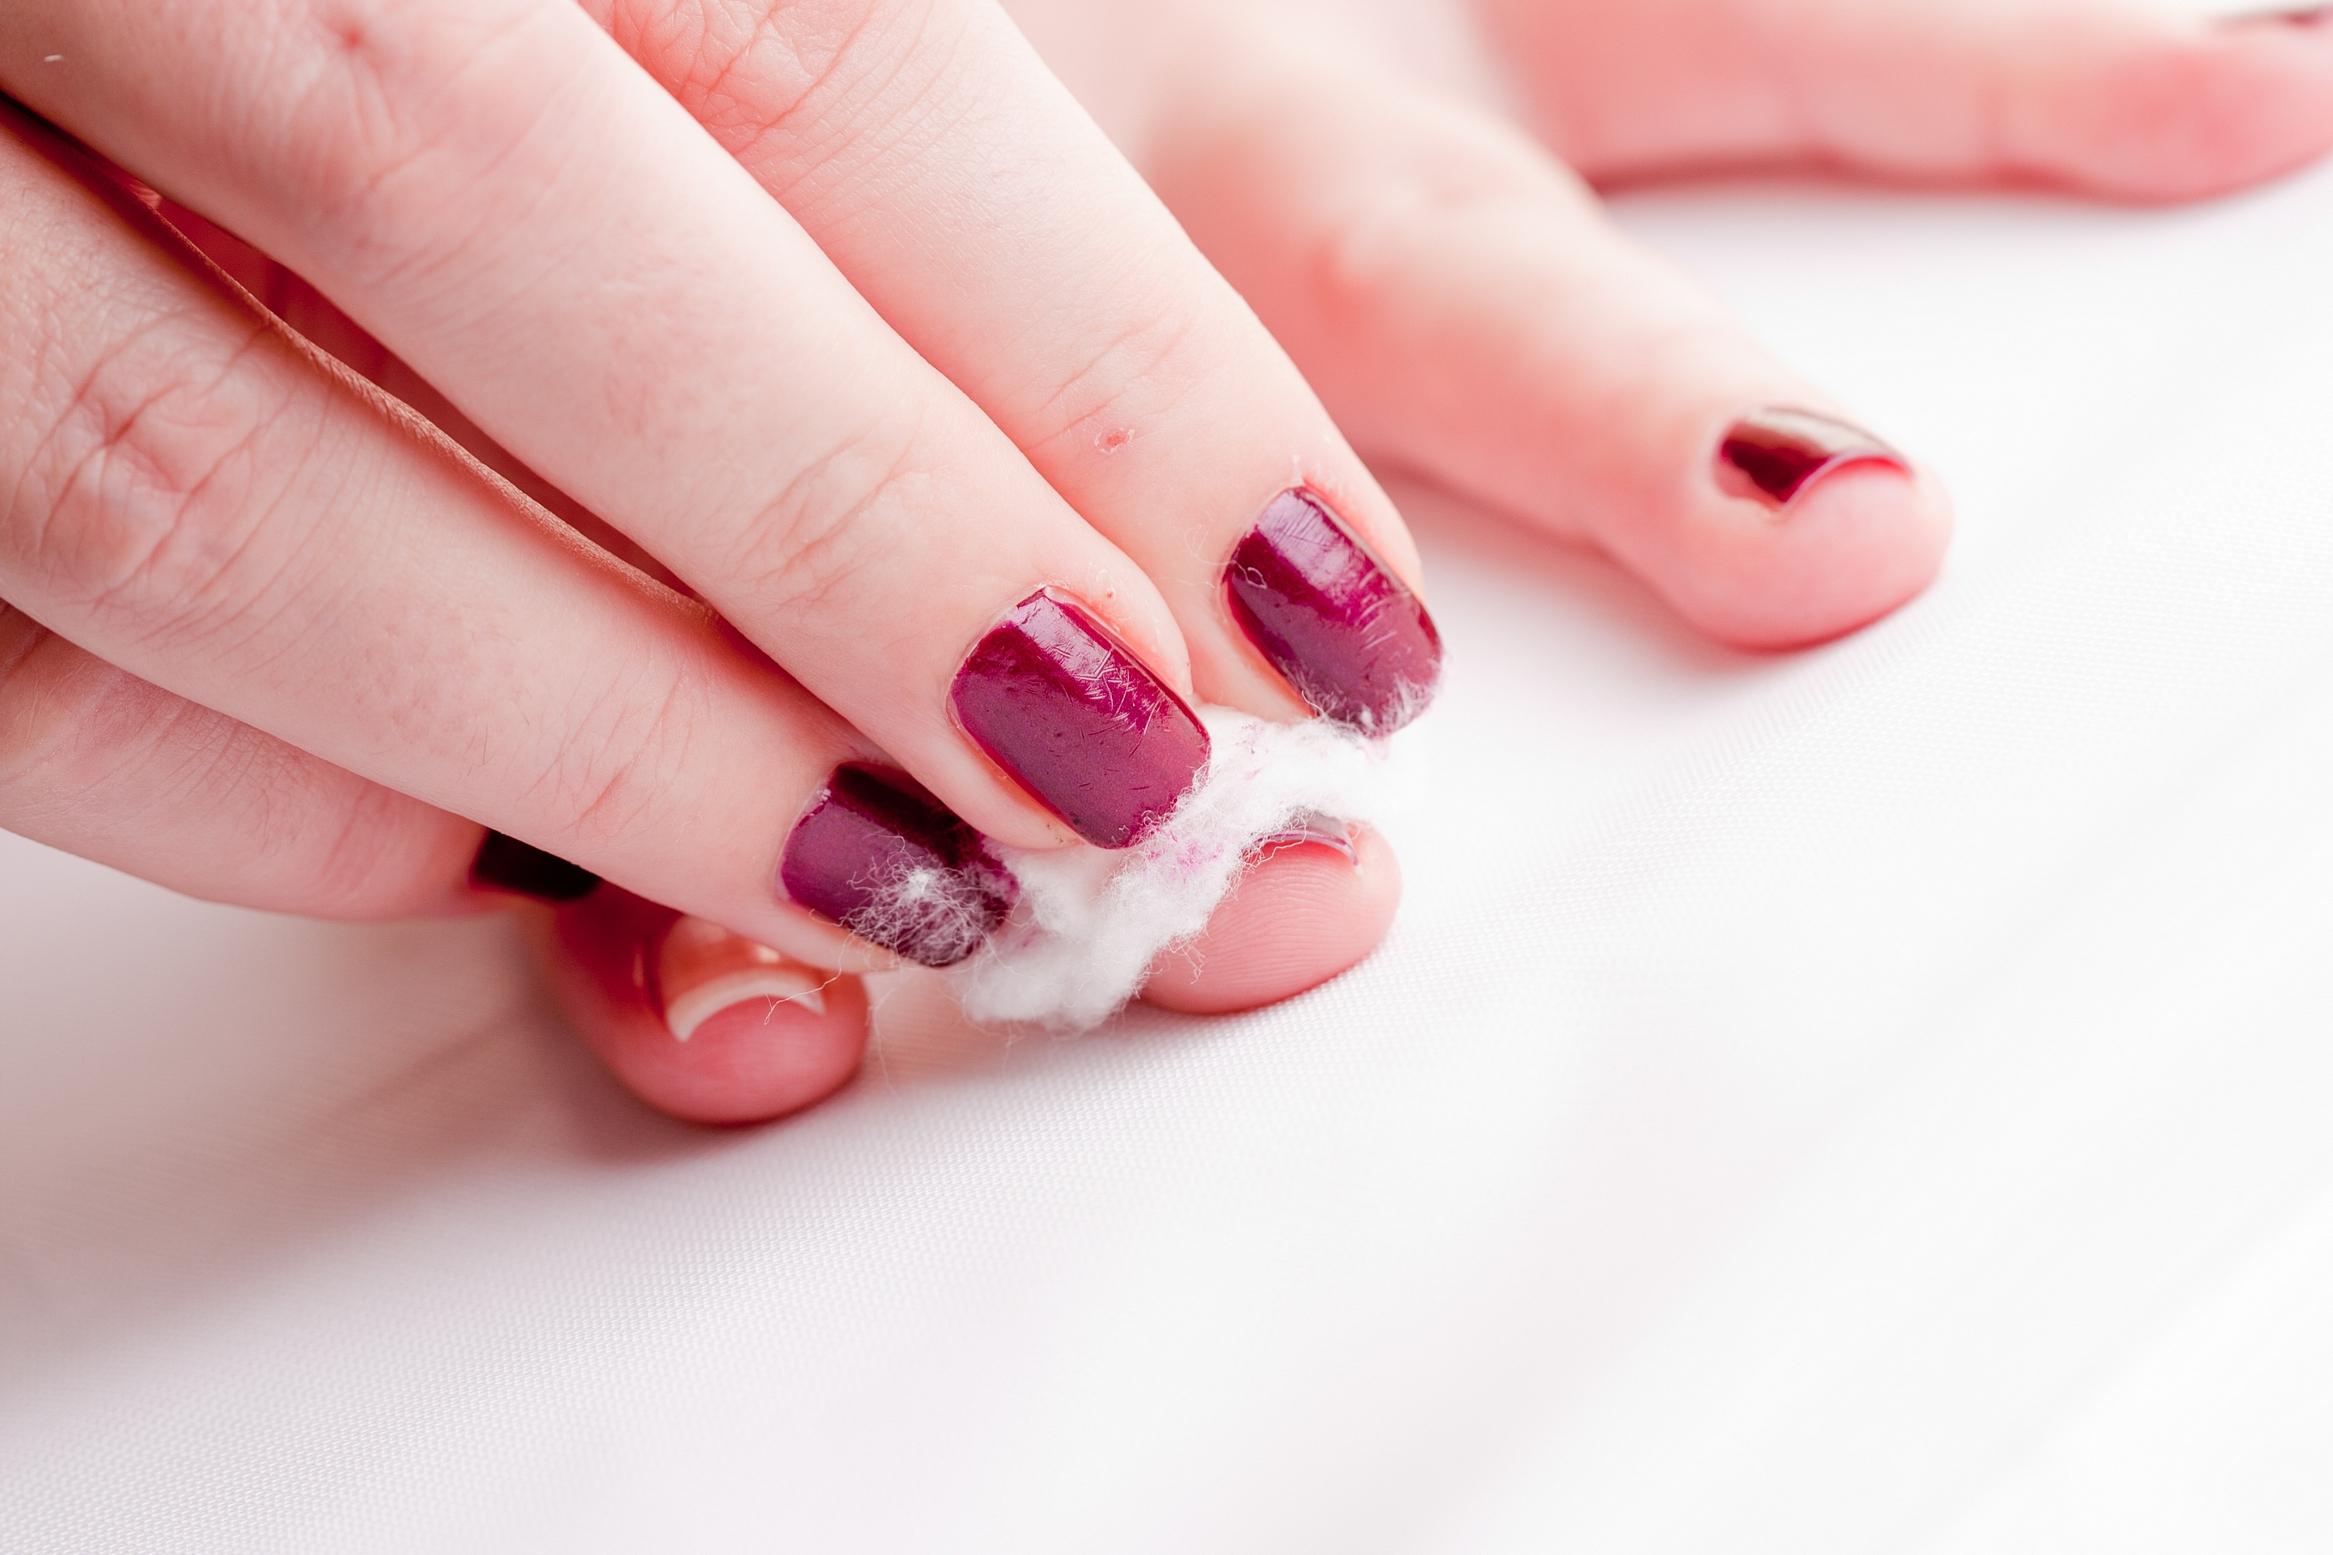 Trucje: Zo verwijder je nagellak zonder vlekken